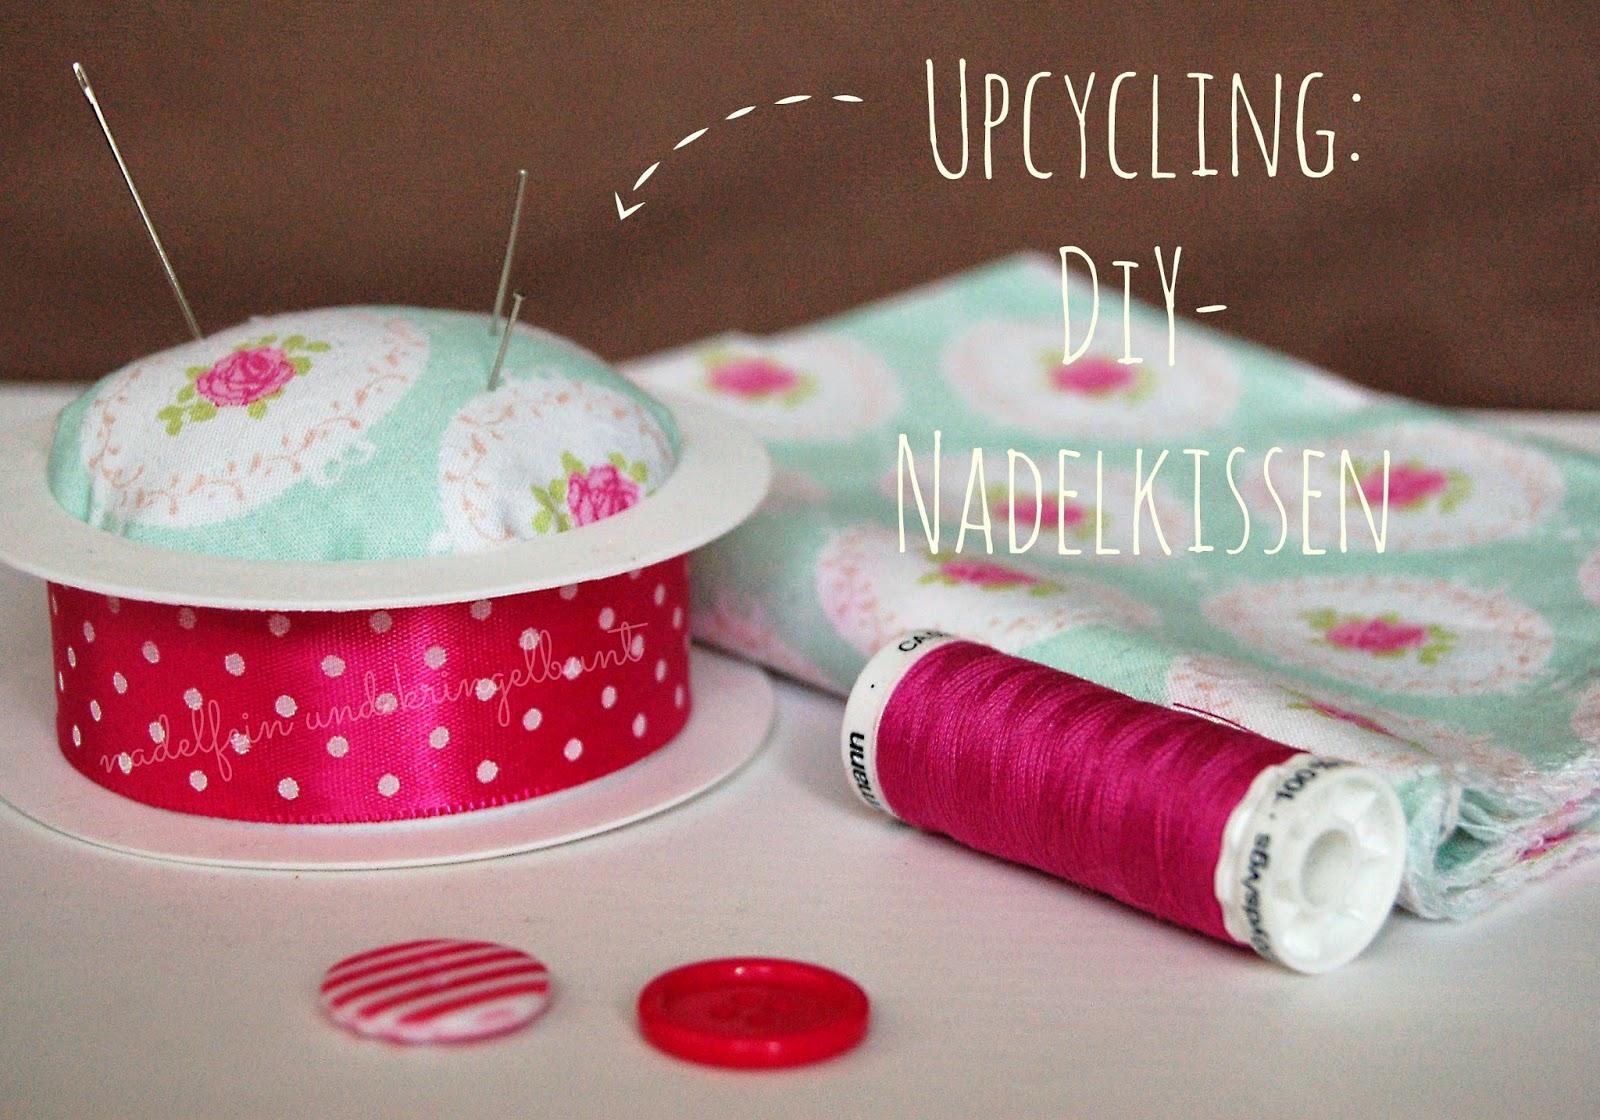 Upcycling Nadelkissen aus einer Geschenkbandrolle DIY Nähen